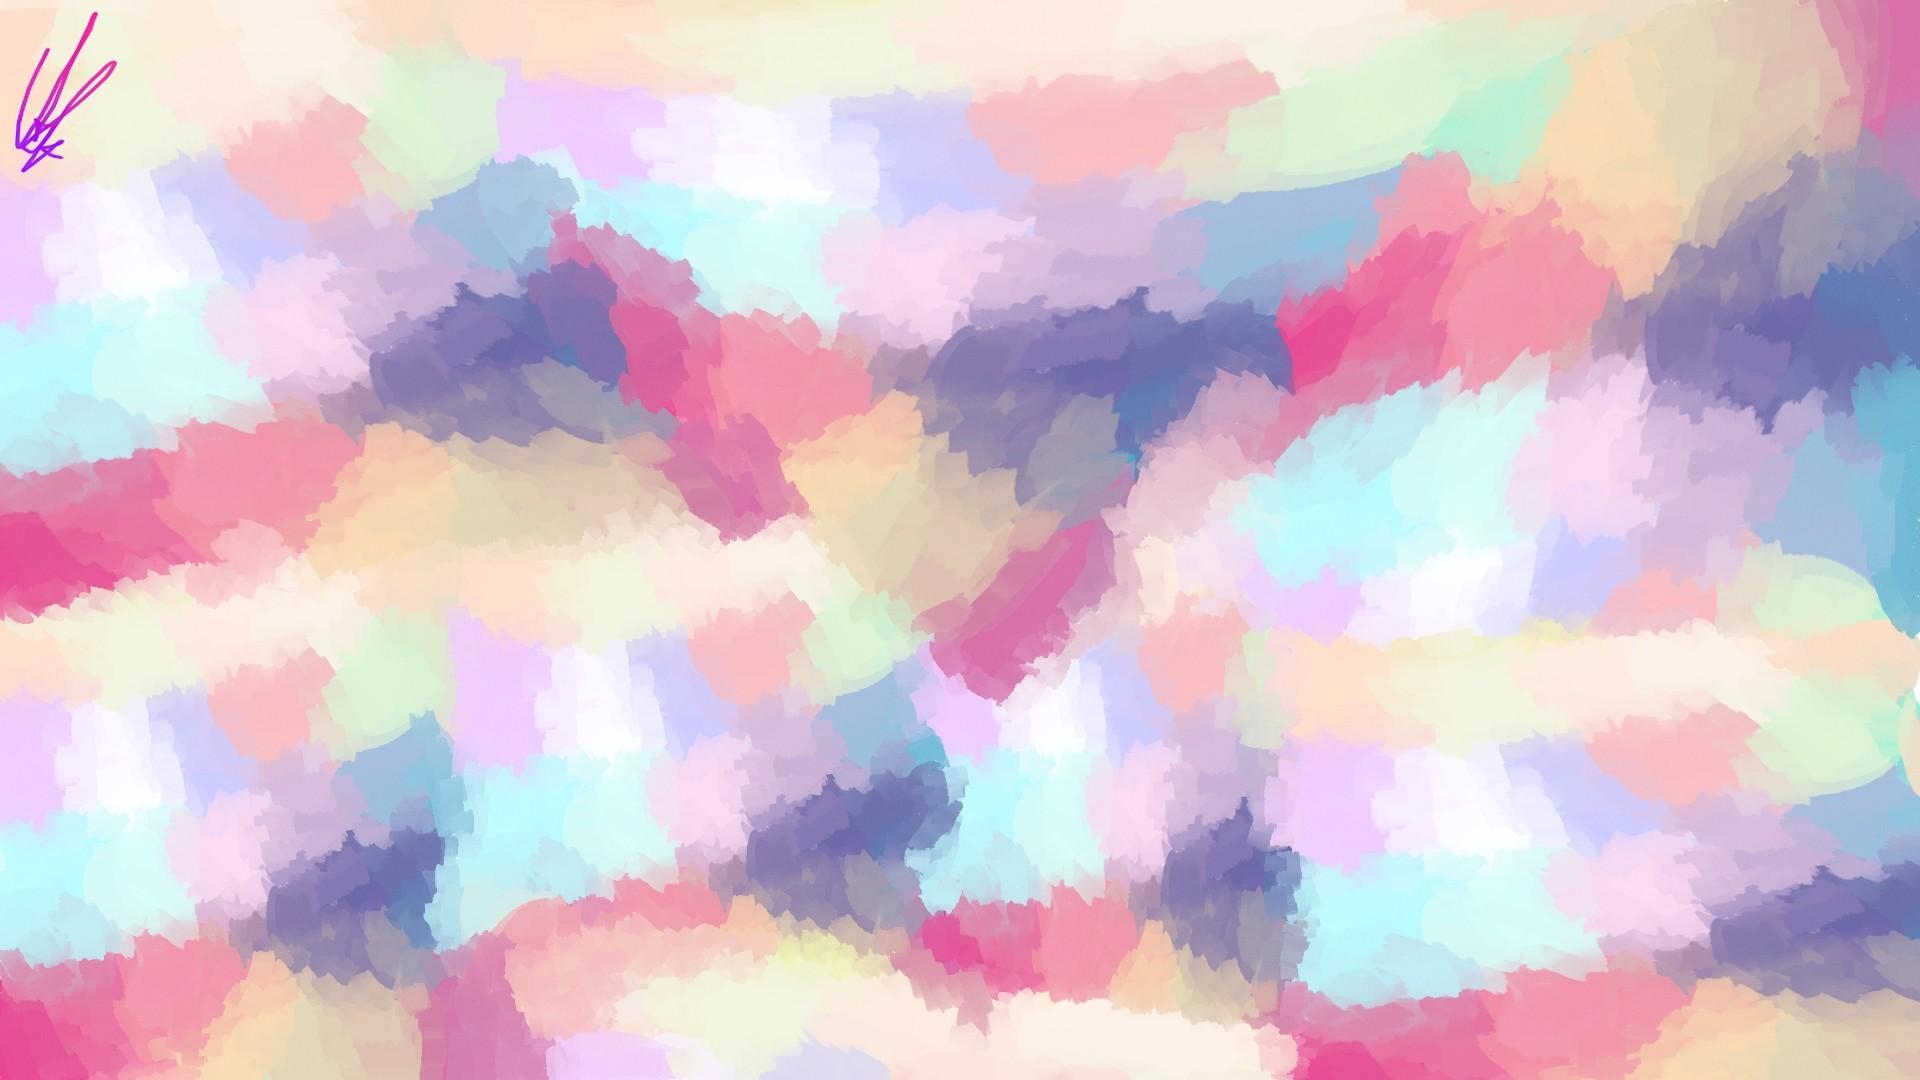 Pastel Color Image